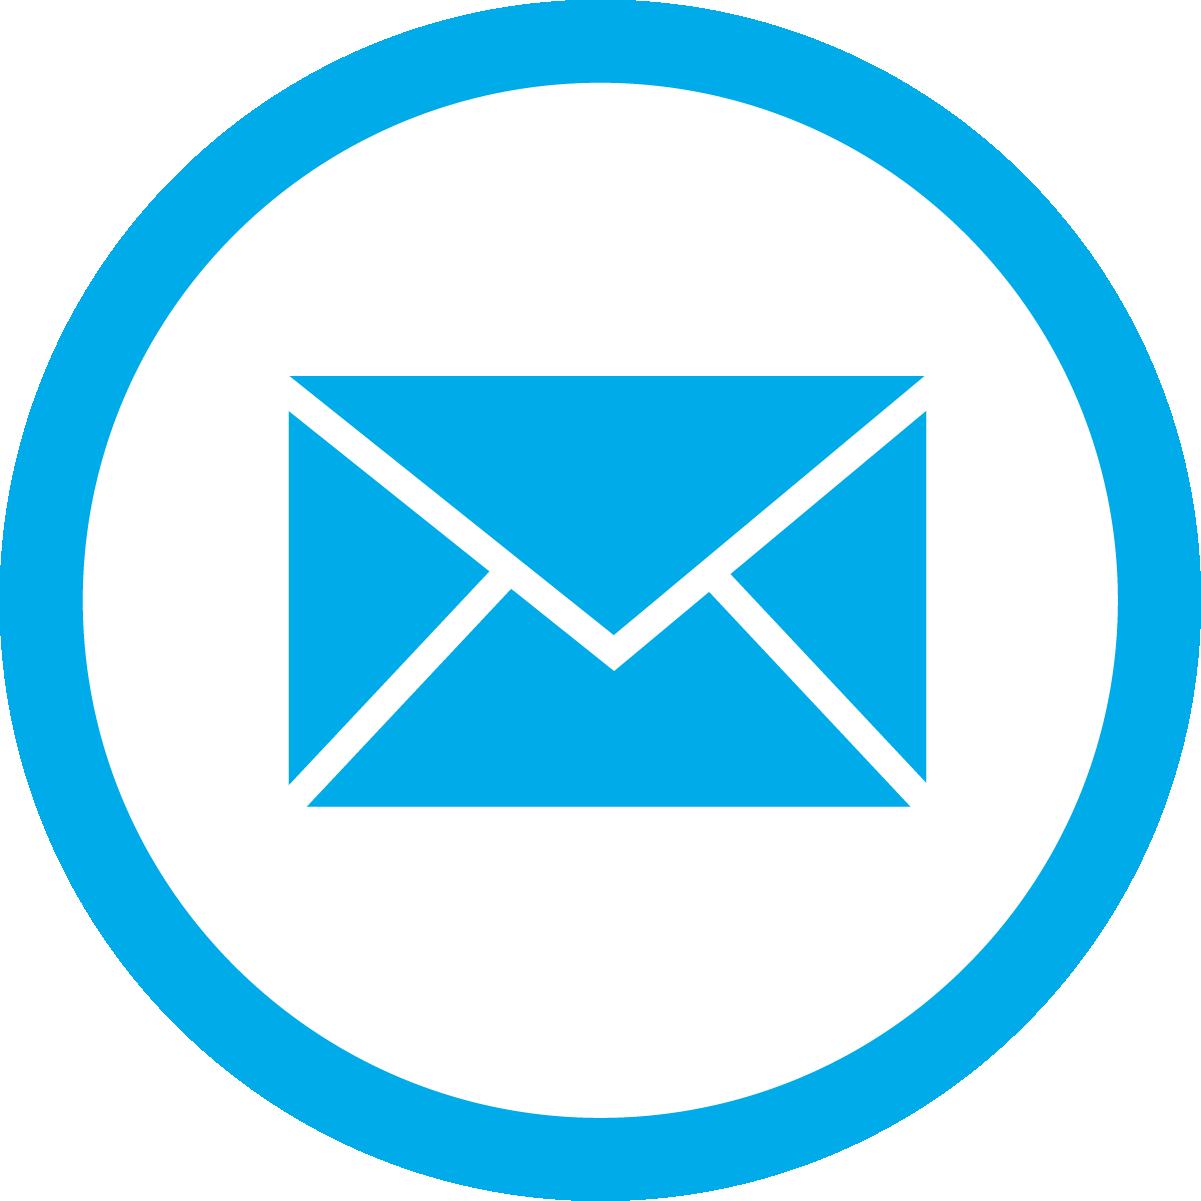 Kontakt vores kundeservice